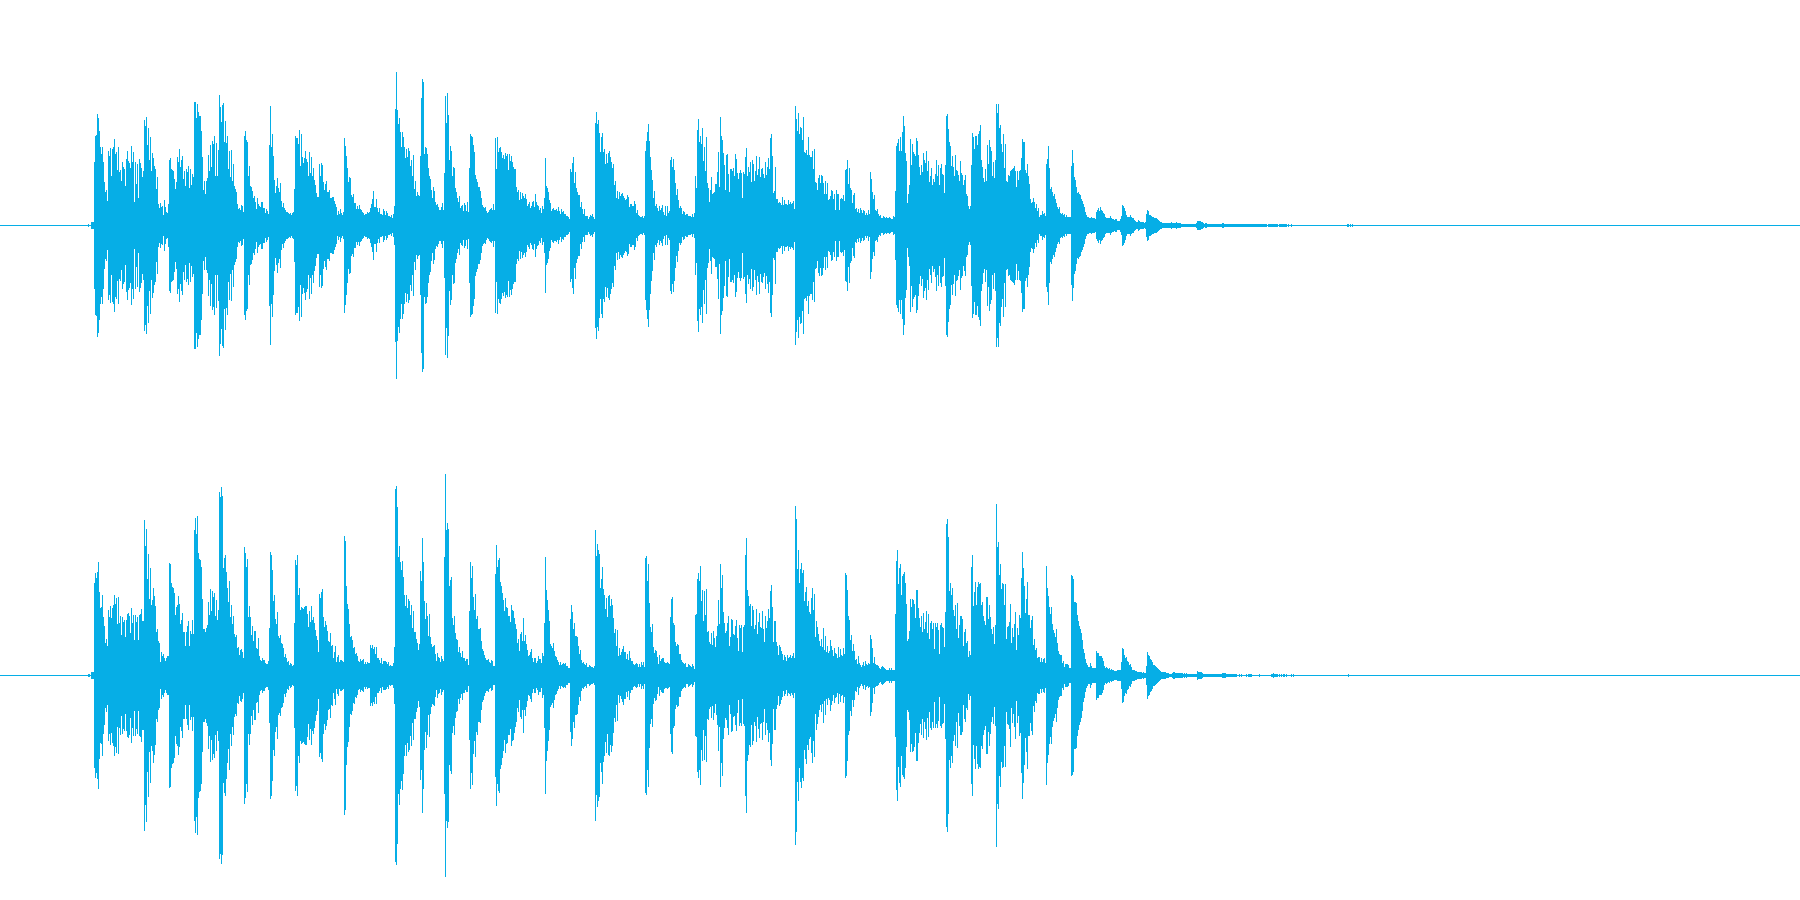 リズミカルで緩やかなテクノポップジングルの再生済みの波形